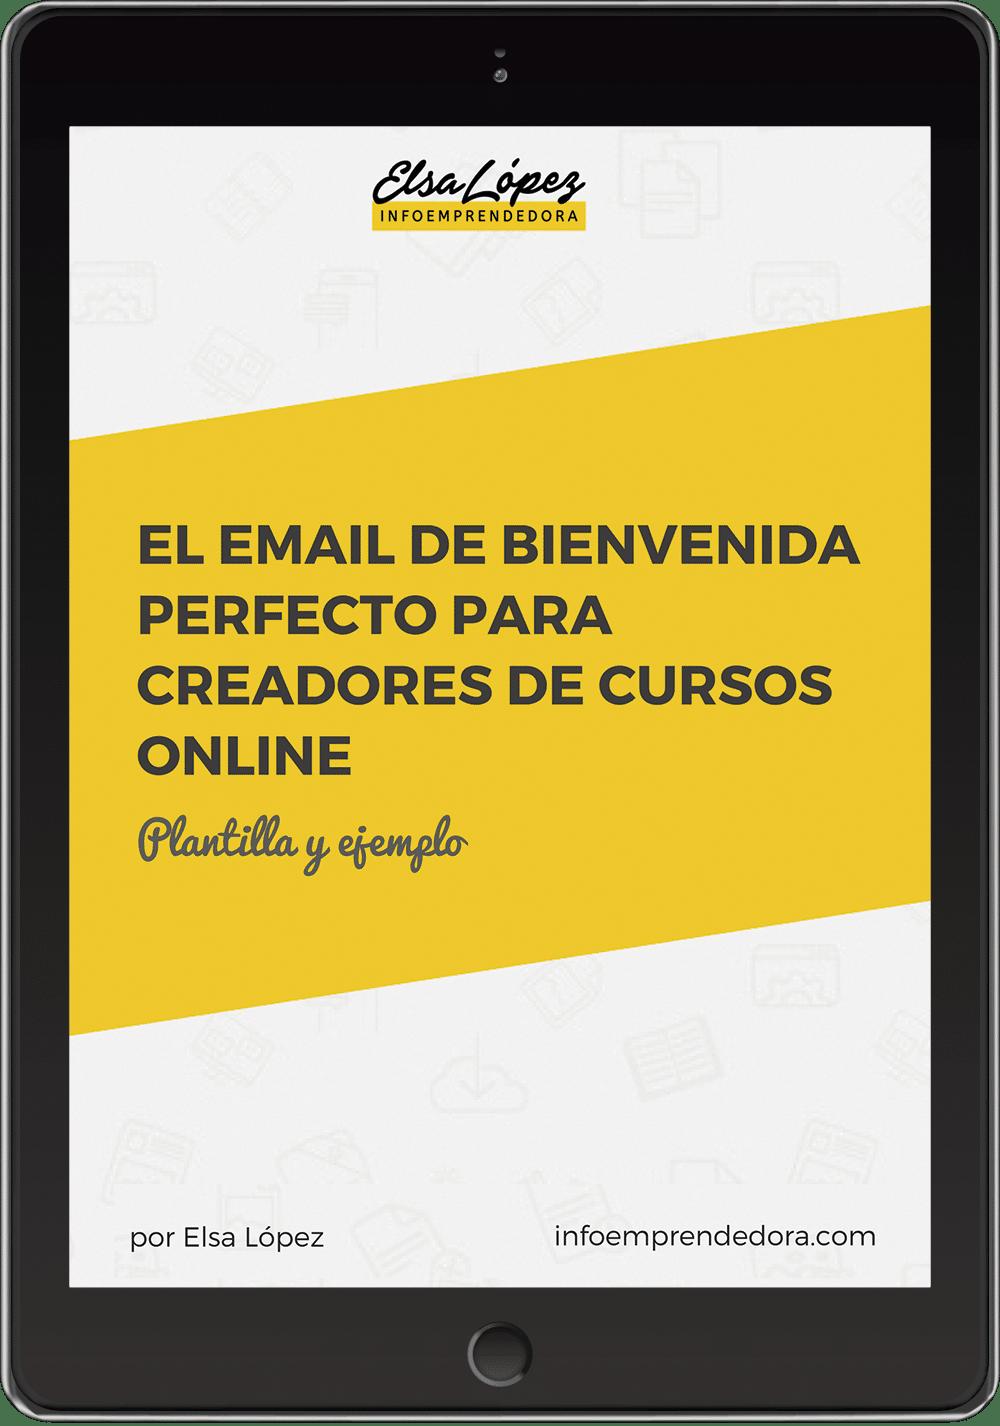 Lujoso Plantilla De Fax Gratis Festooning - Ejemplo De Colección De ...